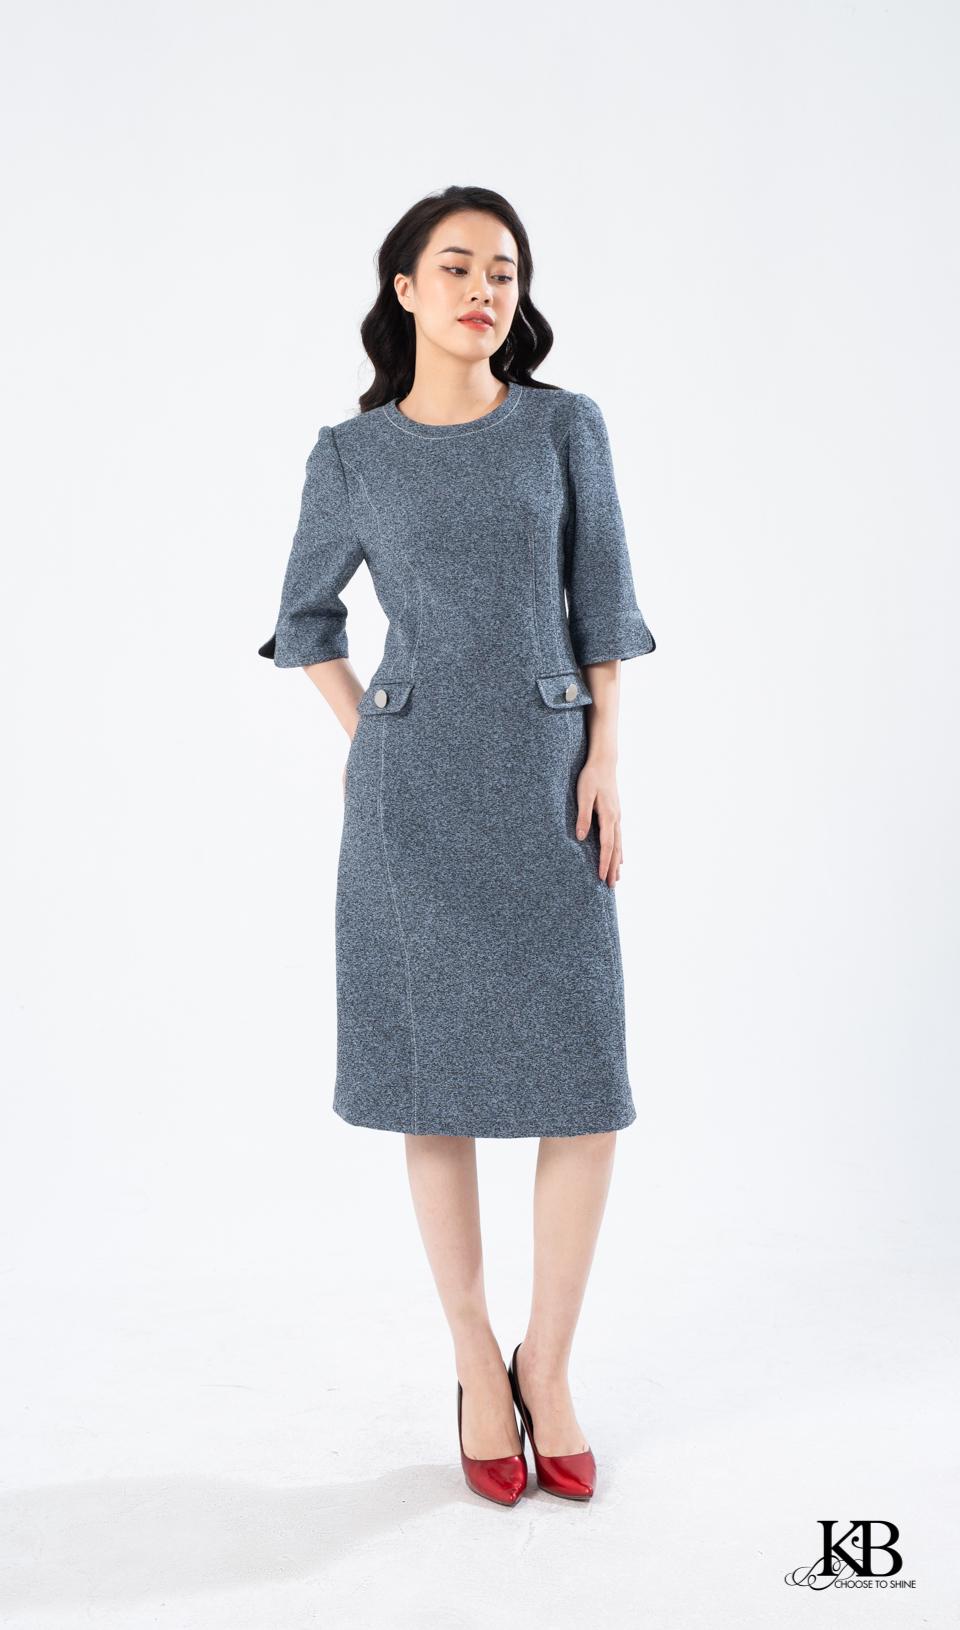 Đầm cổ đột chỉ eo 2 nắp túi